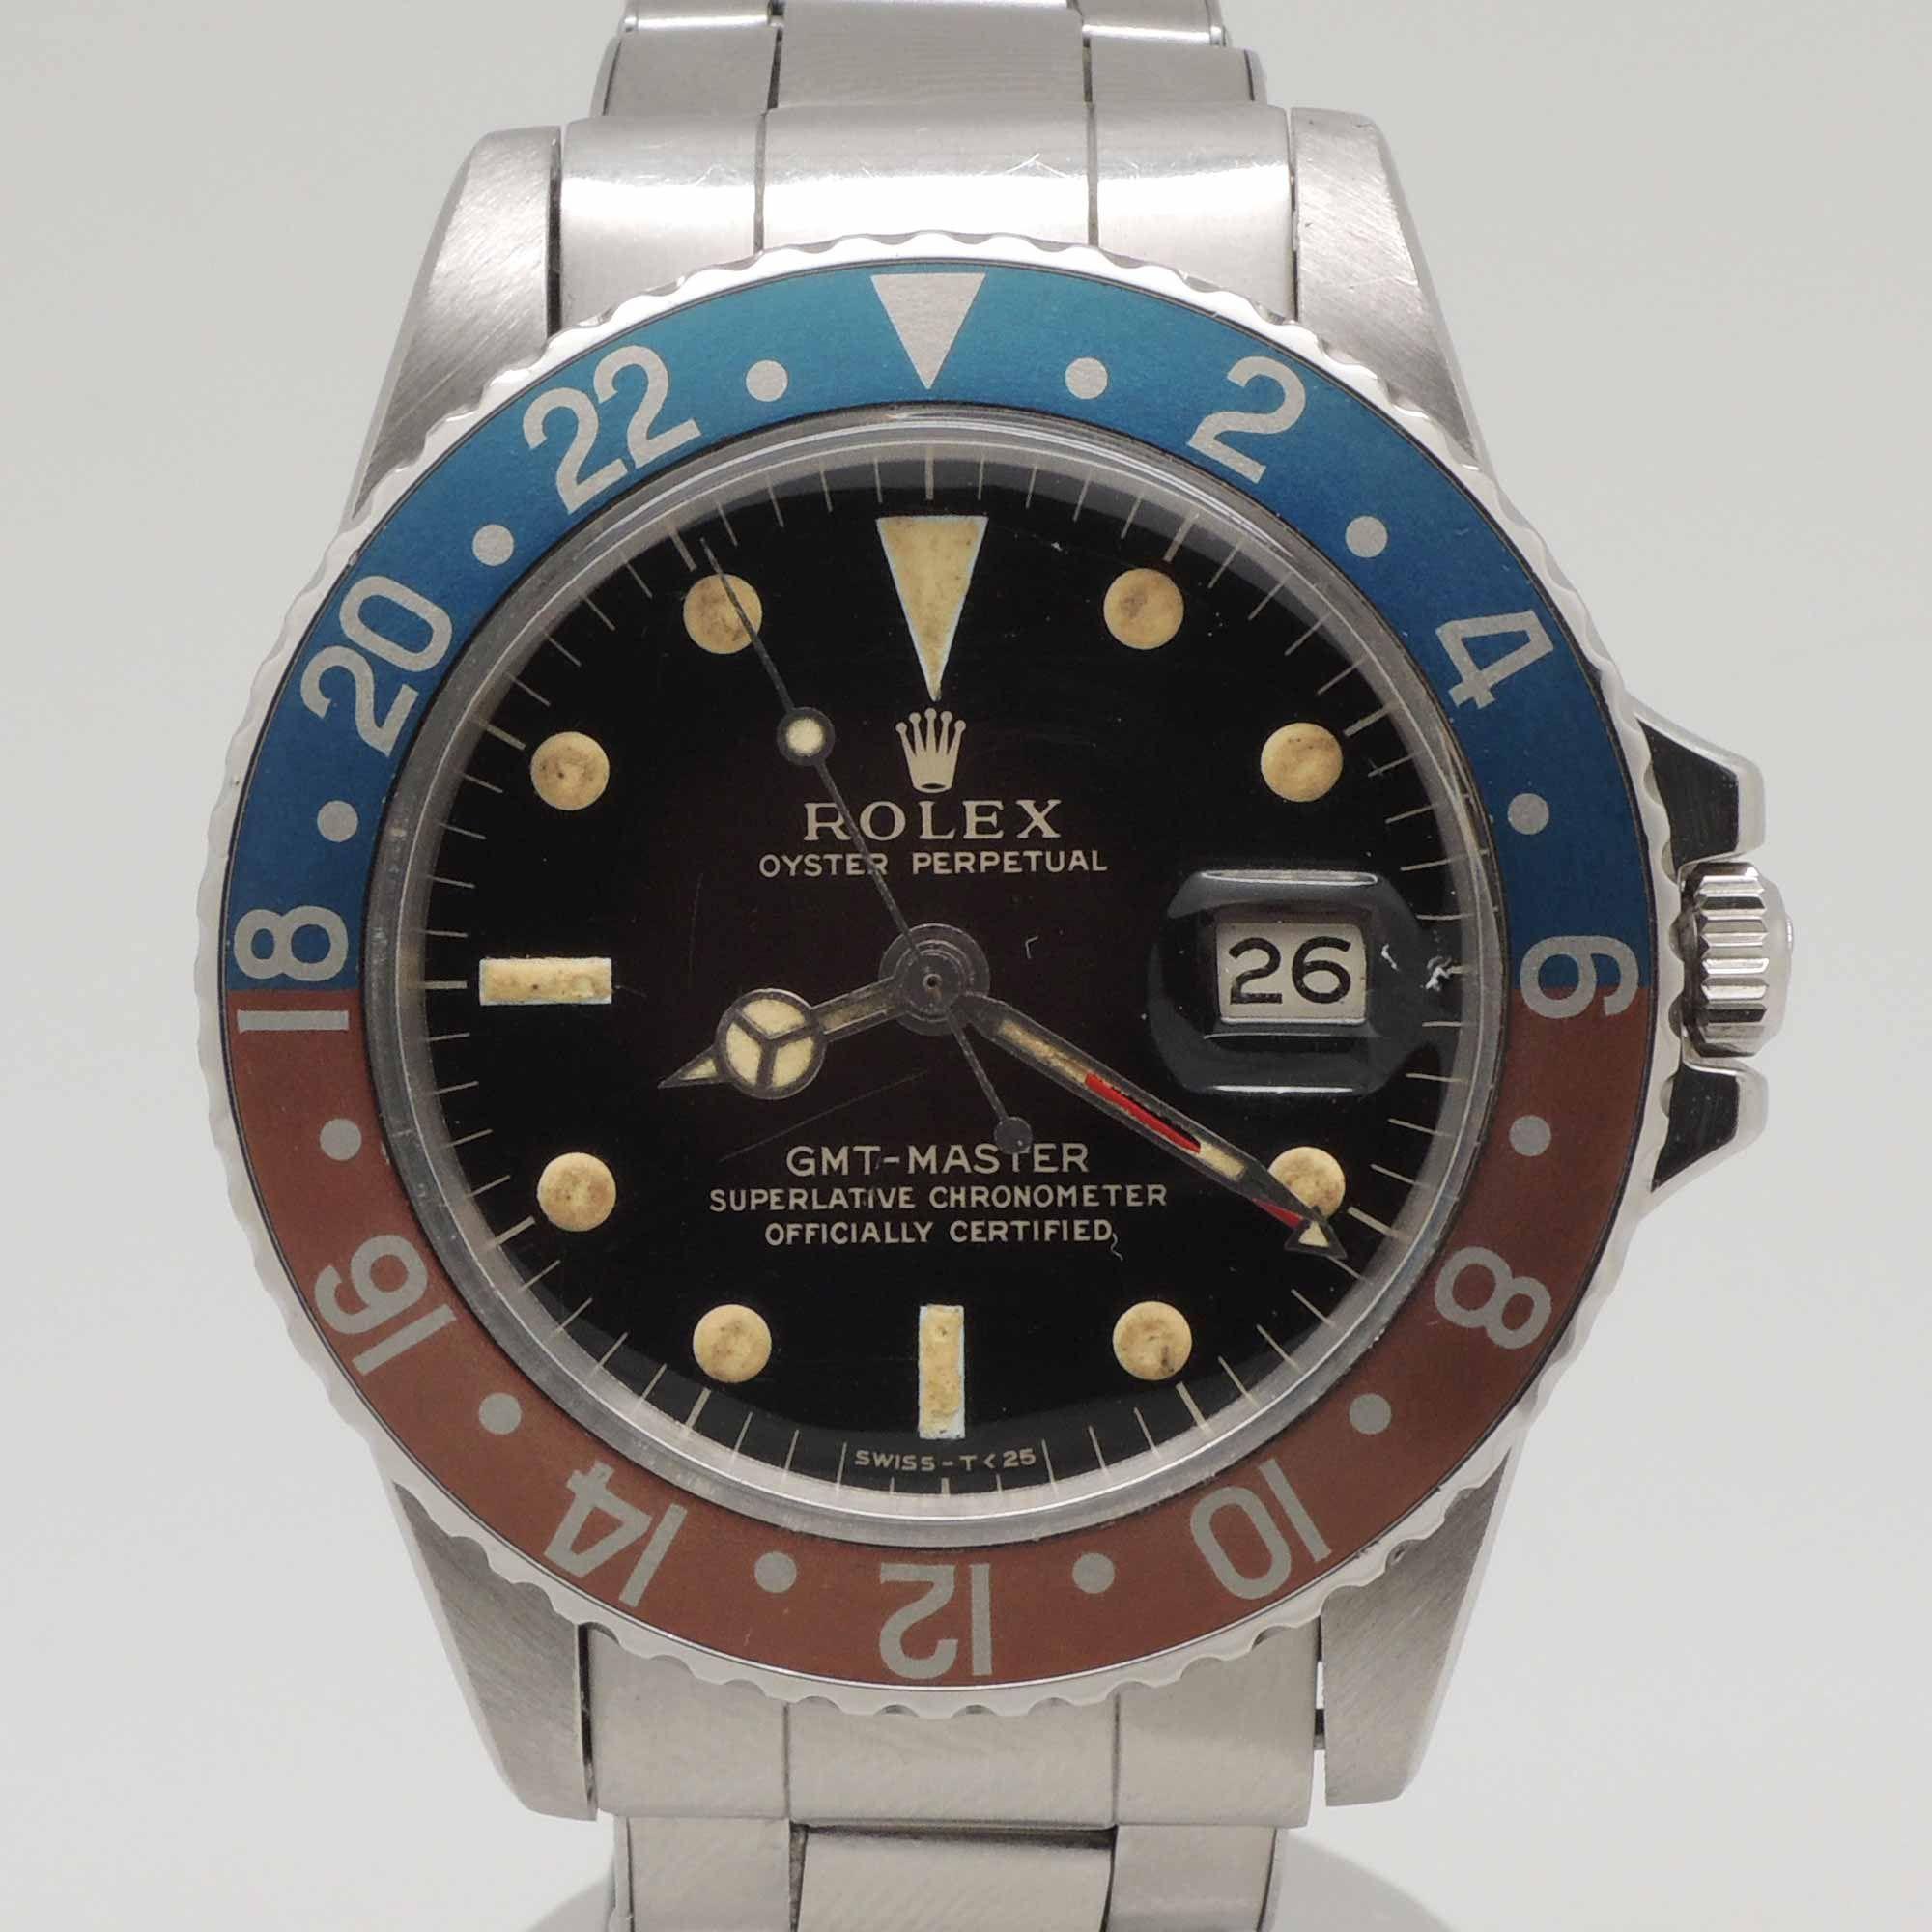 Ancienne Vintage Gallery Rolex Rolex Watches Rolex Gmt